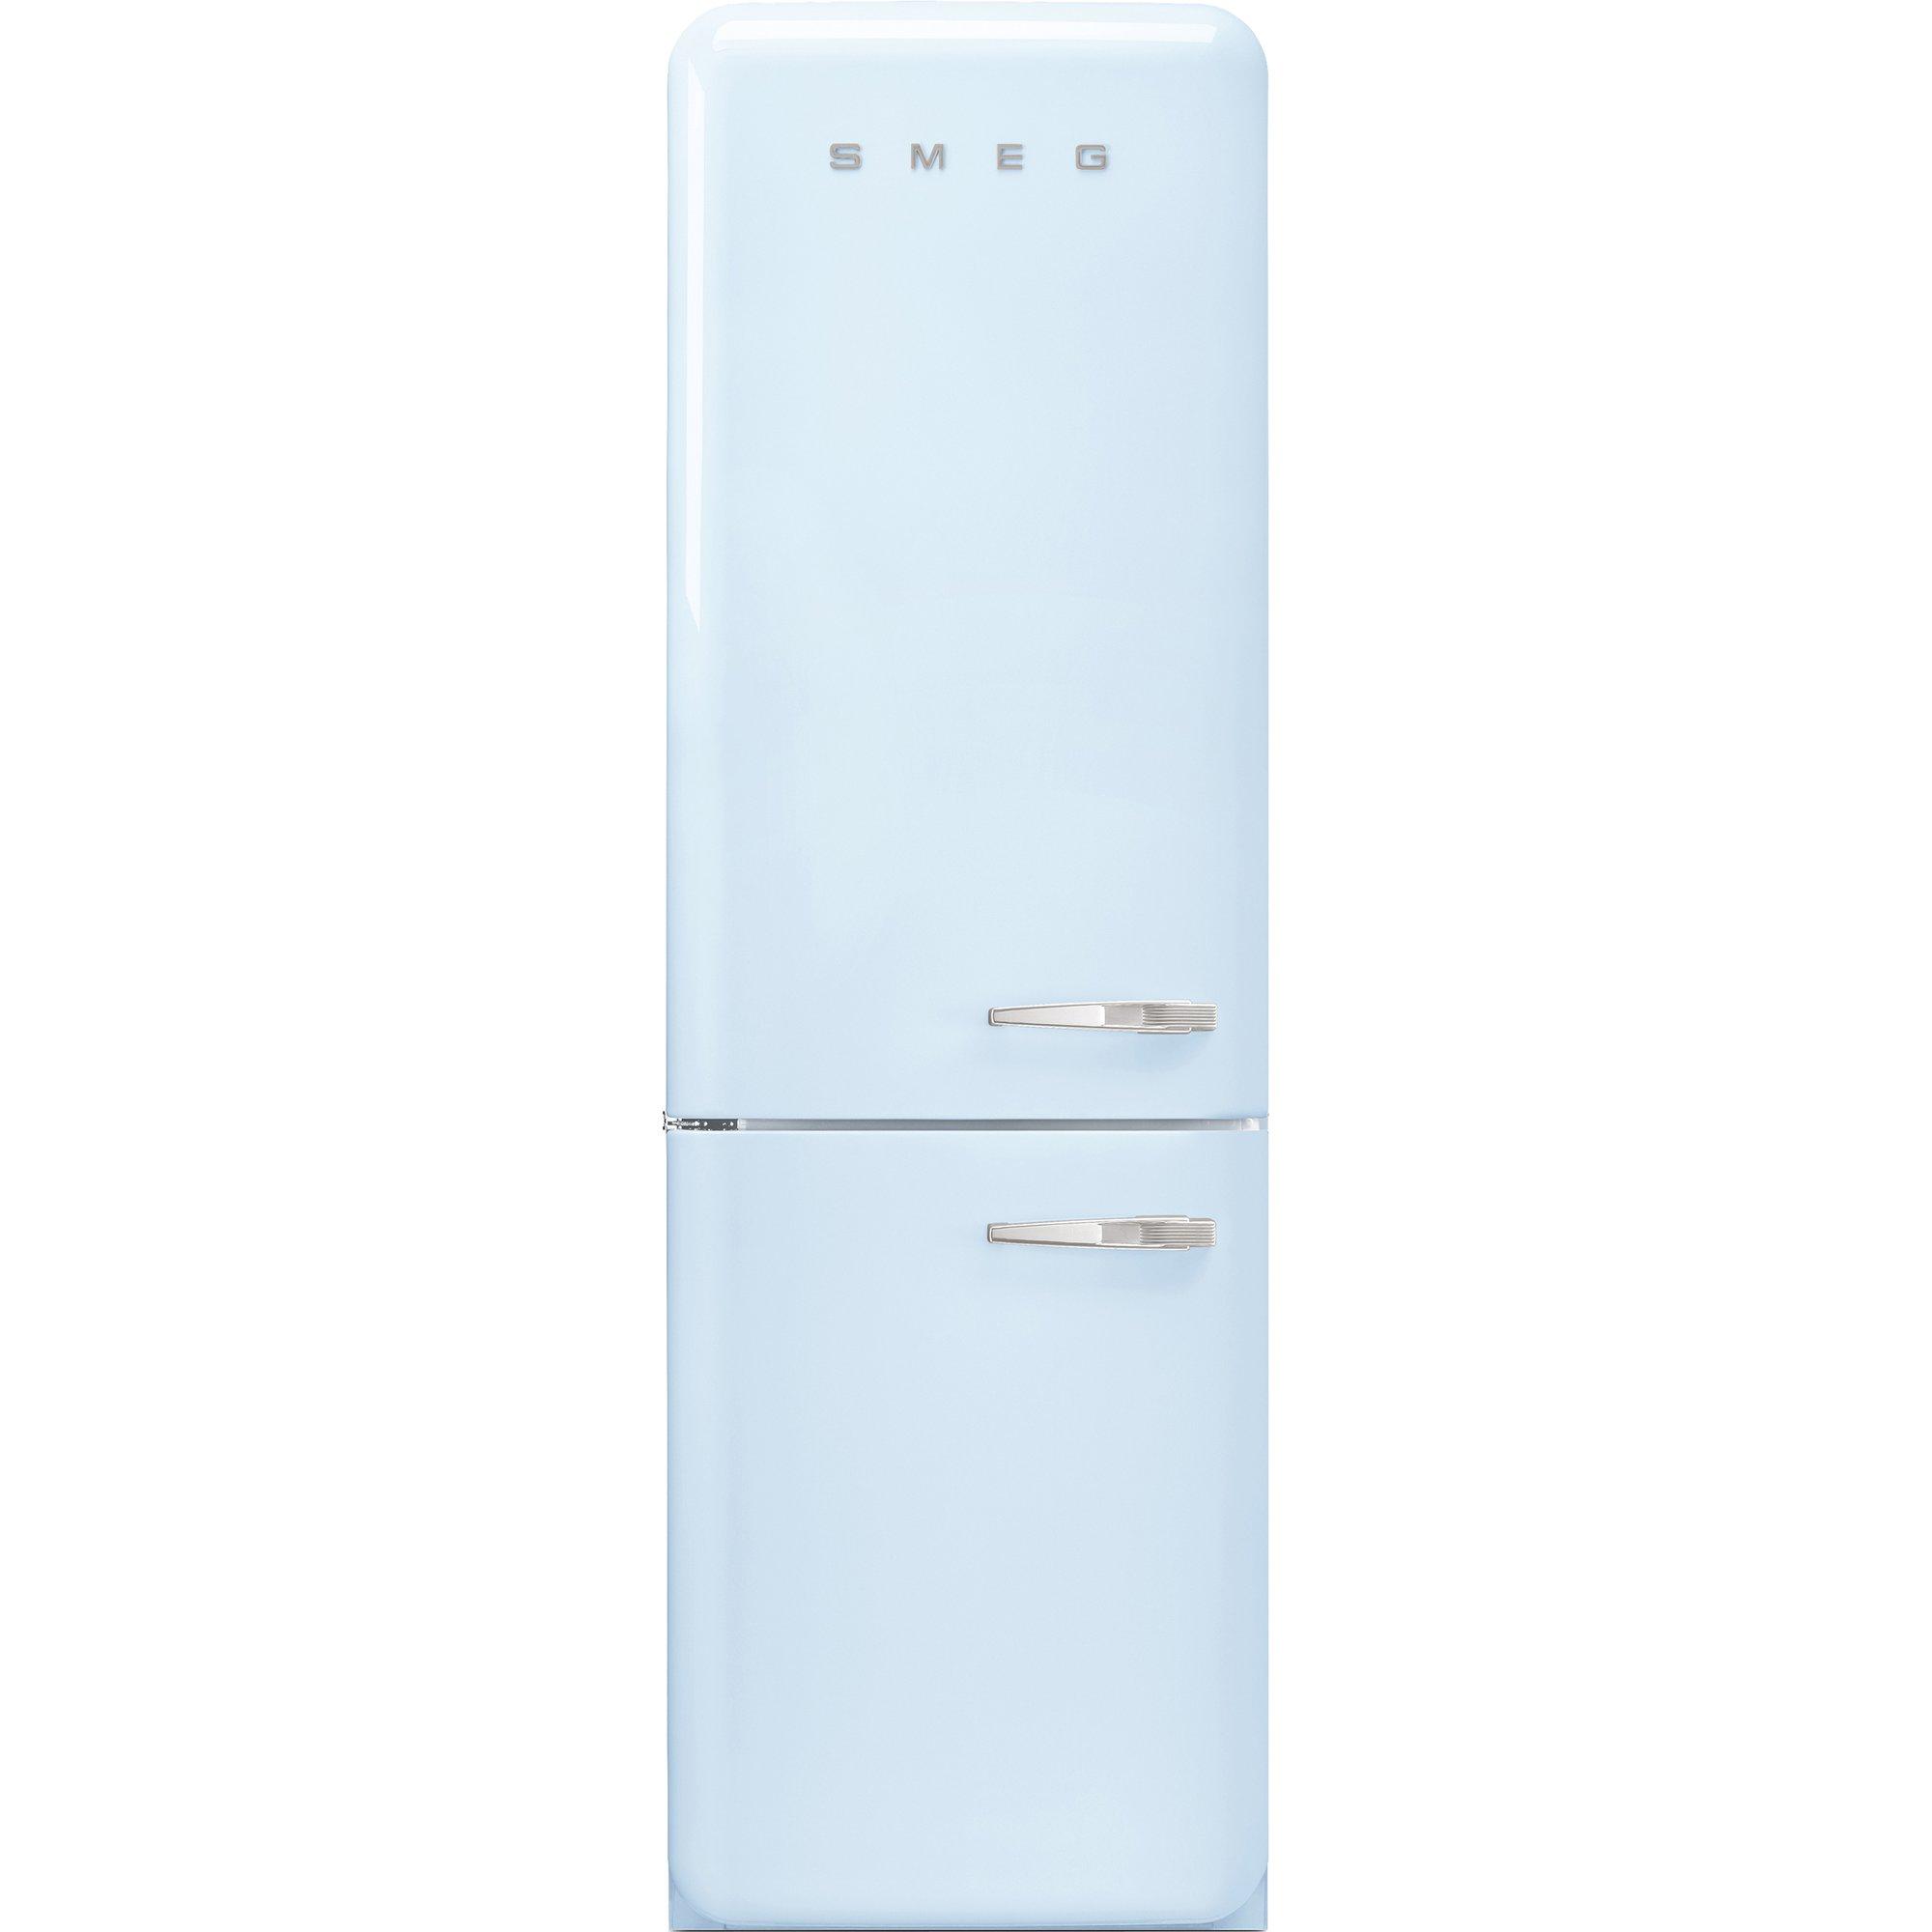 Smeg Vänsterhängt Kylskåp/frys i Retrodesign Pastellblå